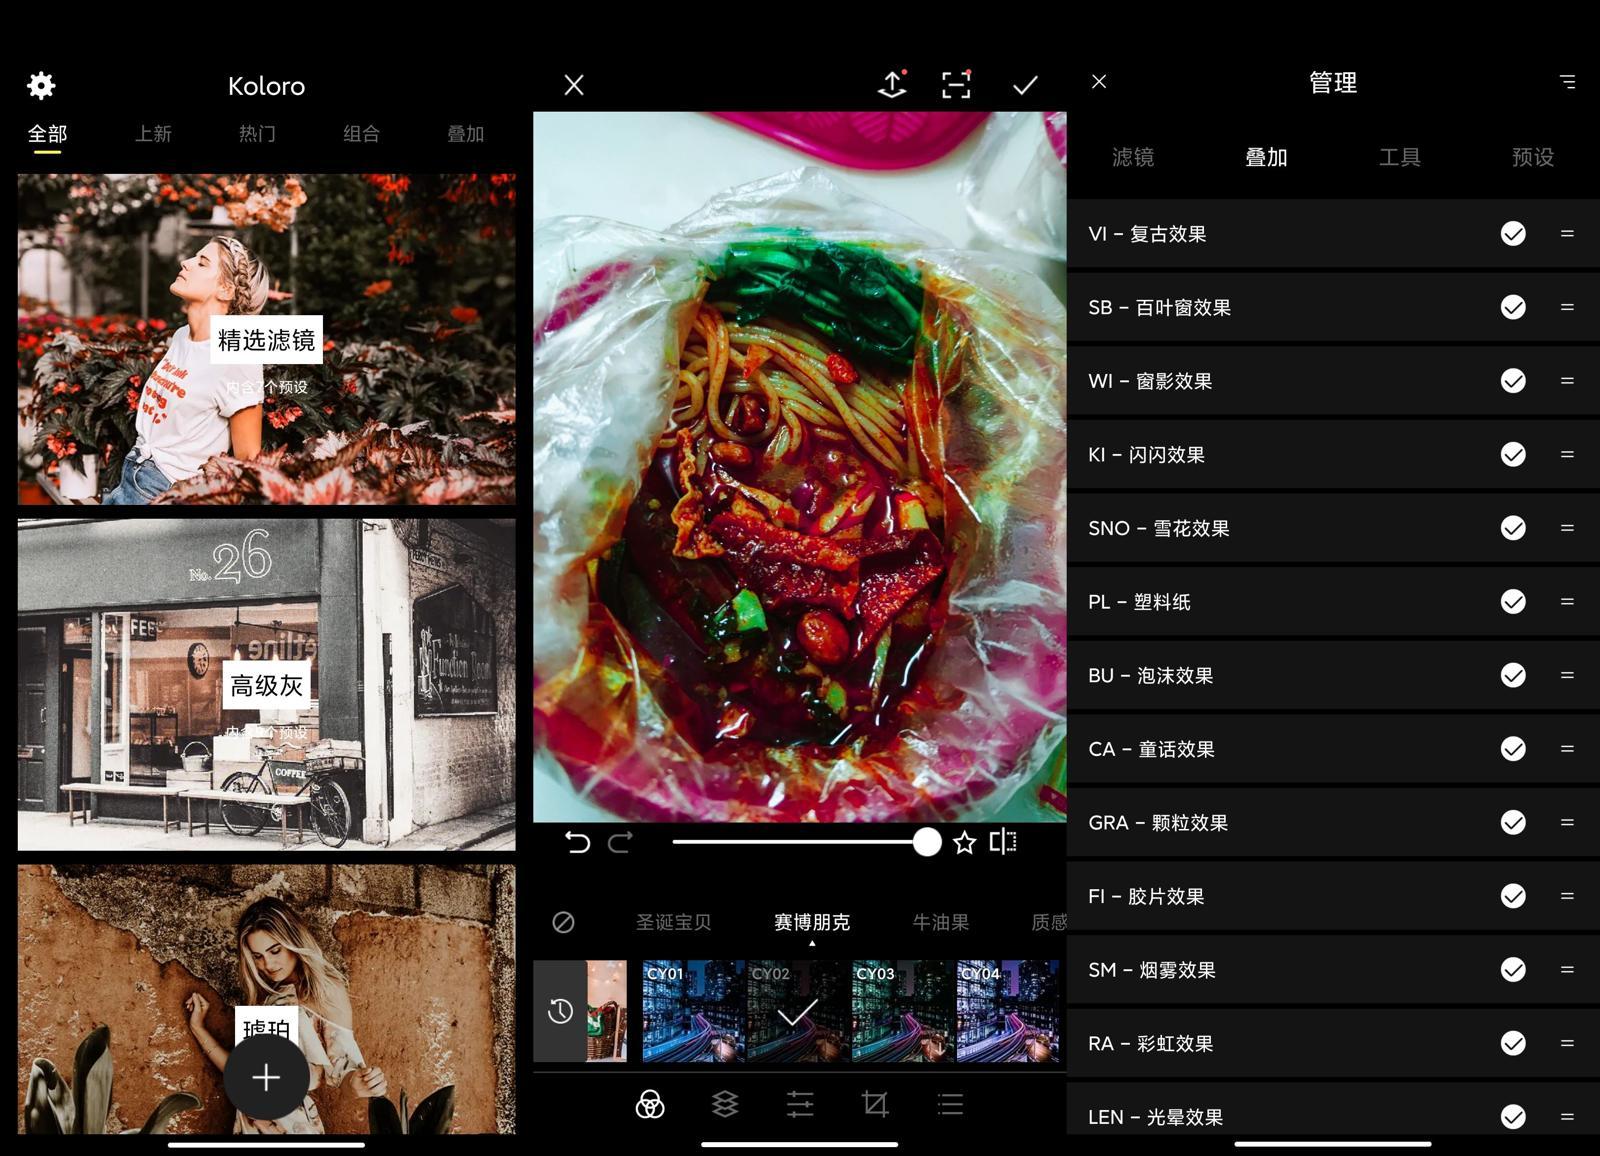 安卓滤镜君Koloro v5.1.5高级版